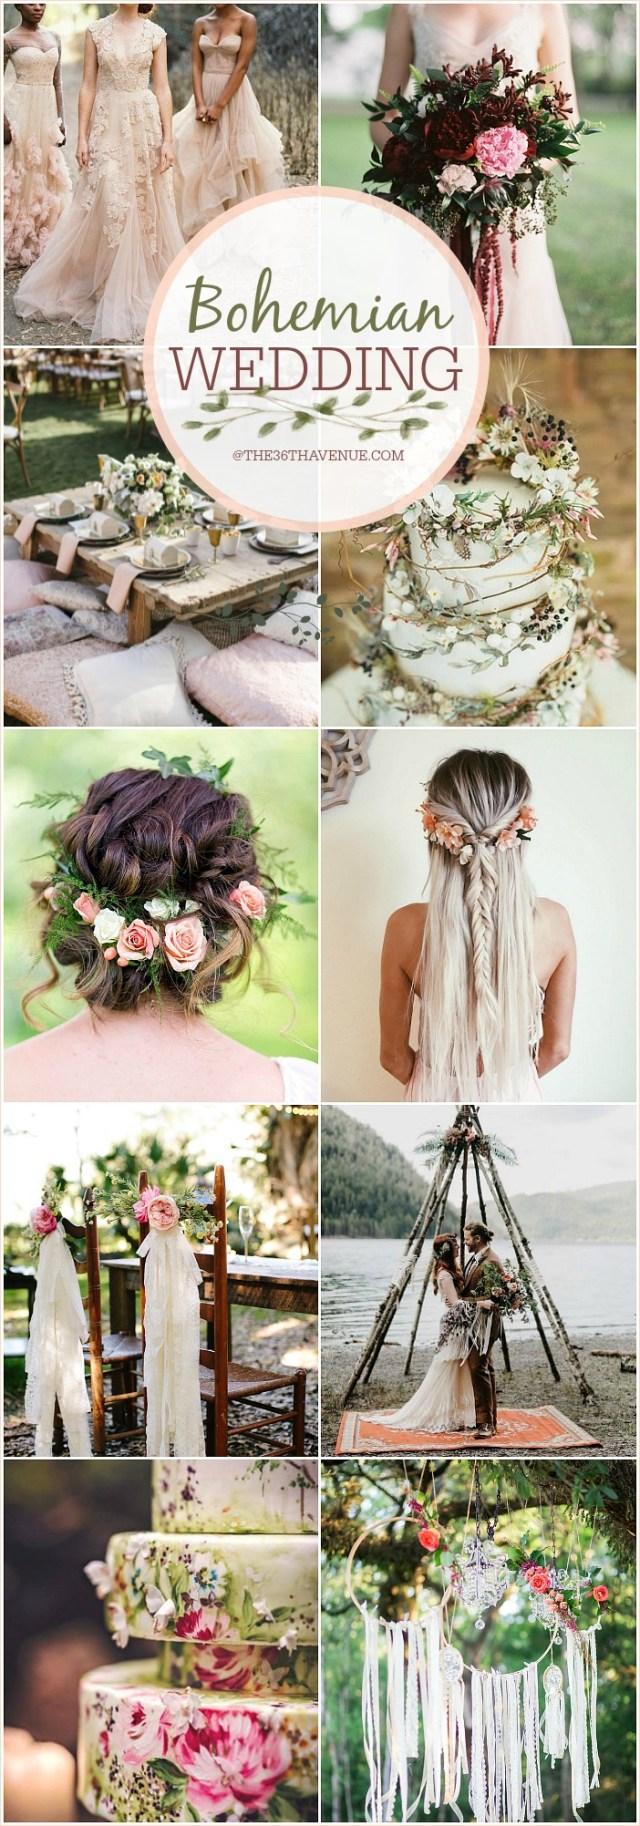 Easy Diy Wedding Decorations Bohemian Wedding Ideas Diy Boho Chic Wedding The 36th Avenue